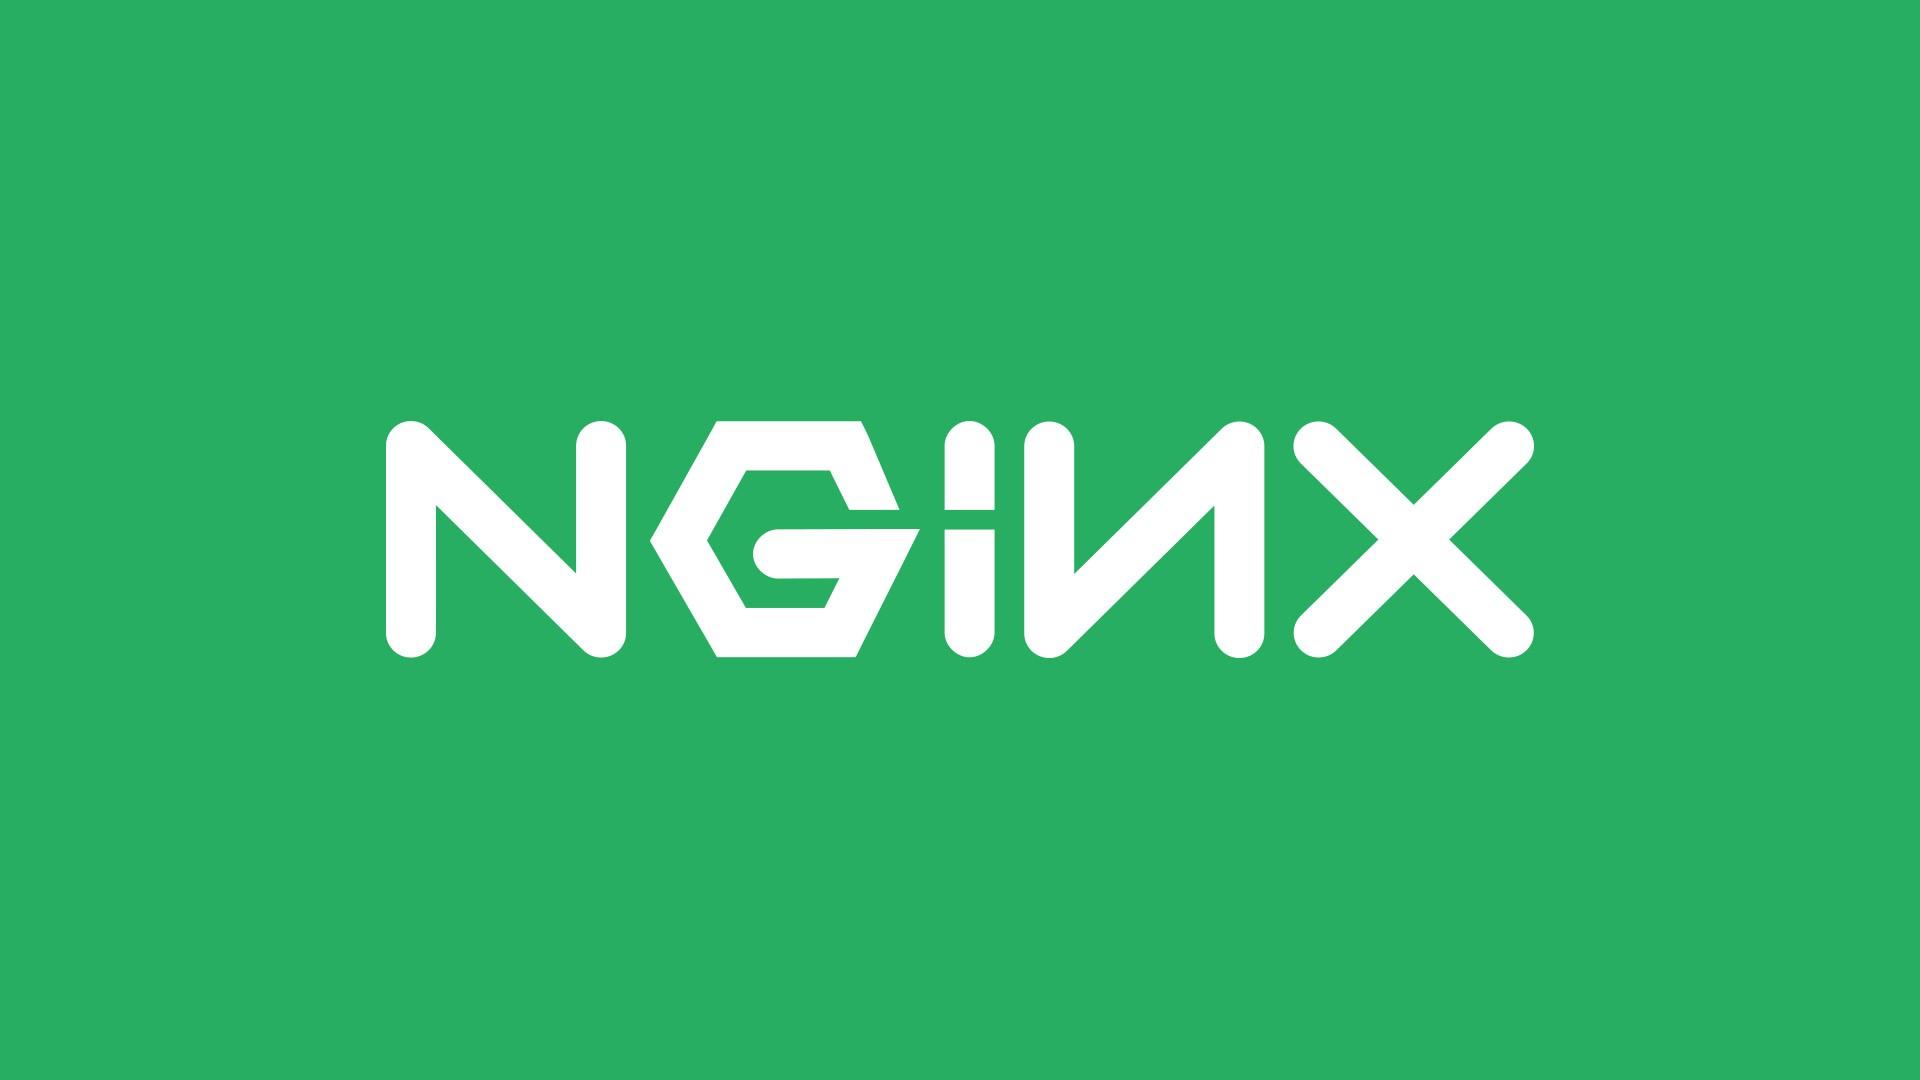 Nginx опубликовал обновление безопасности против DoS-уязвимостей в HTTP/2